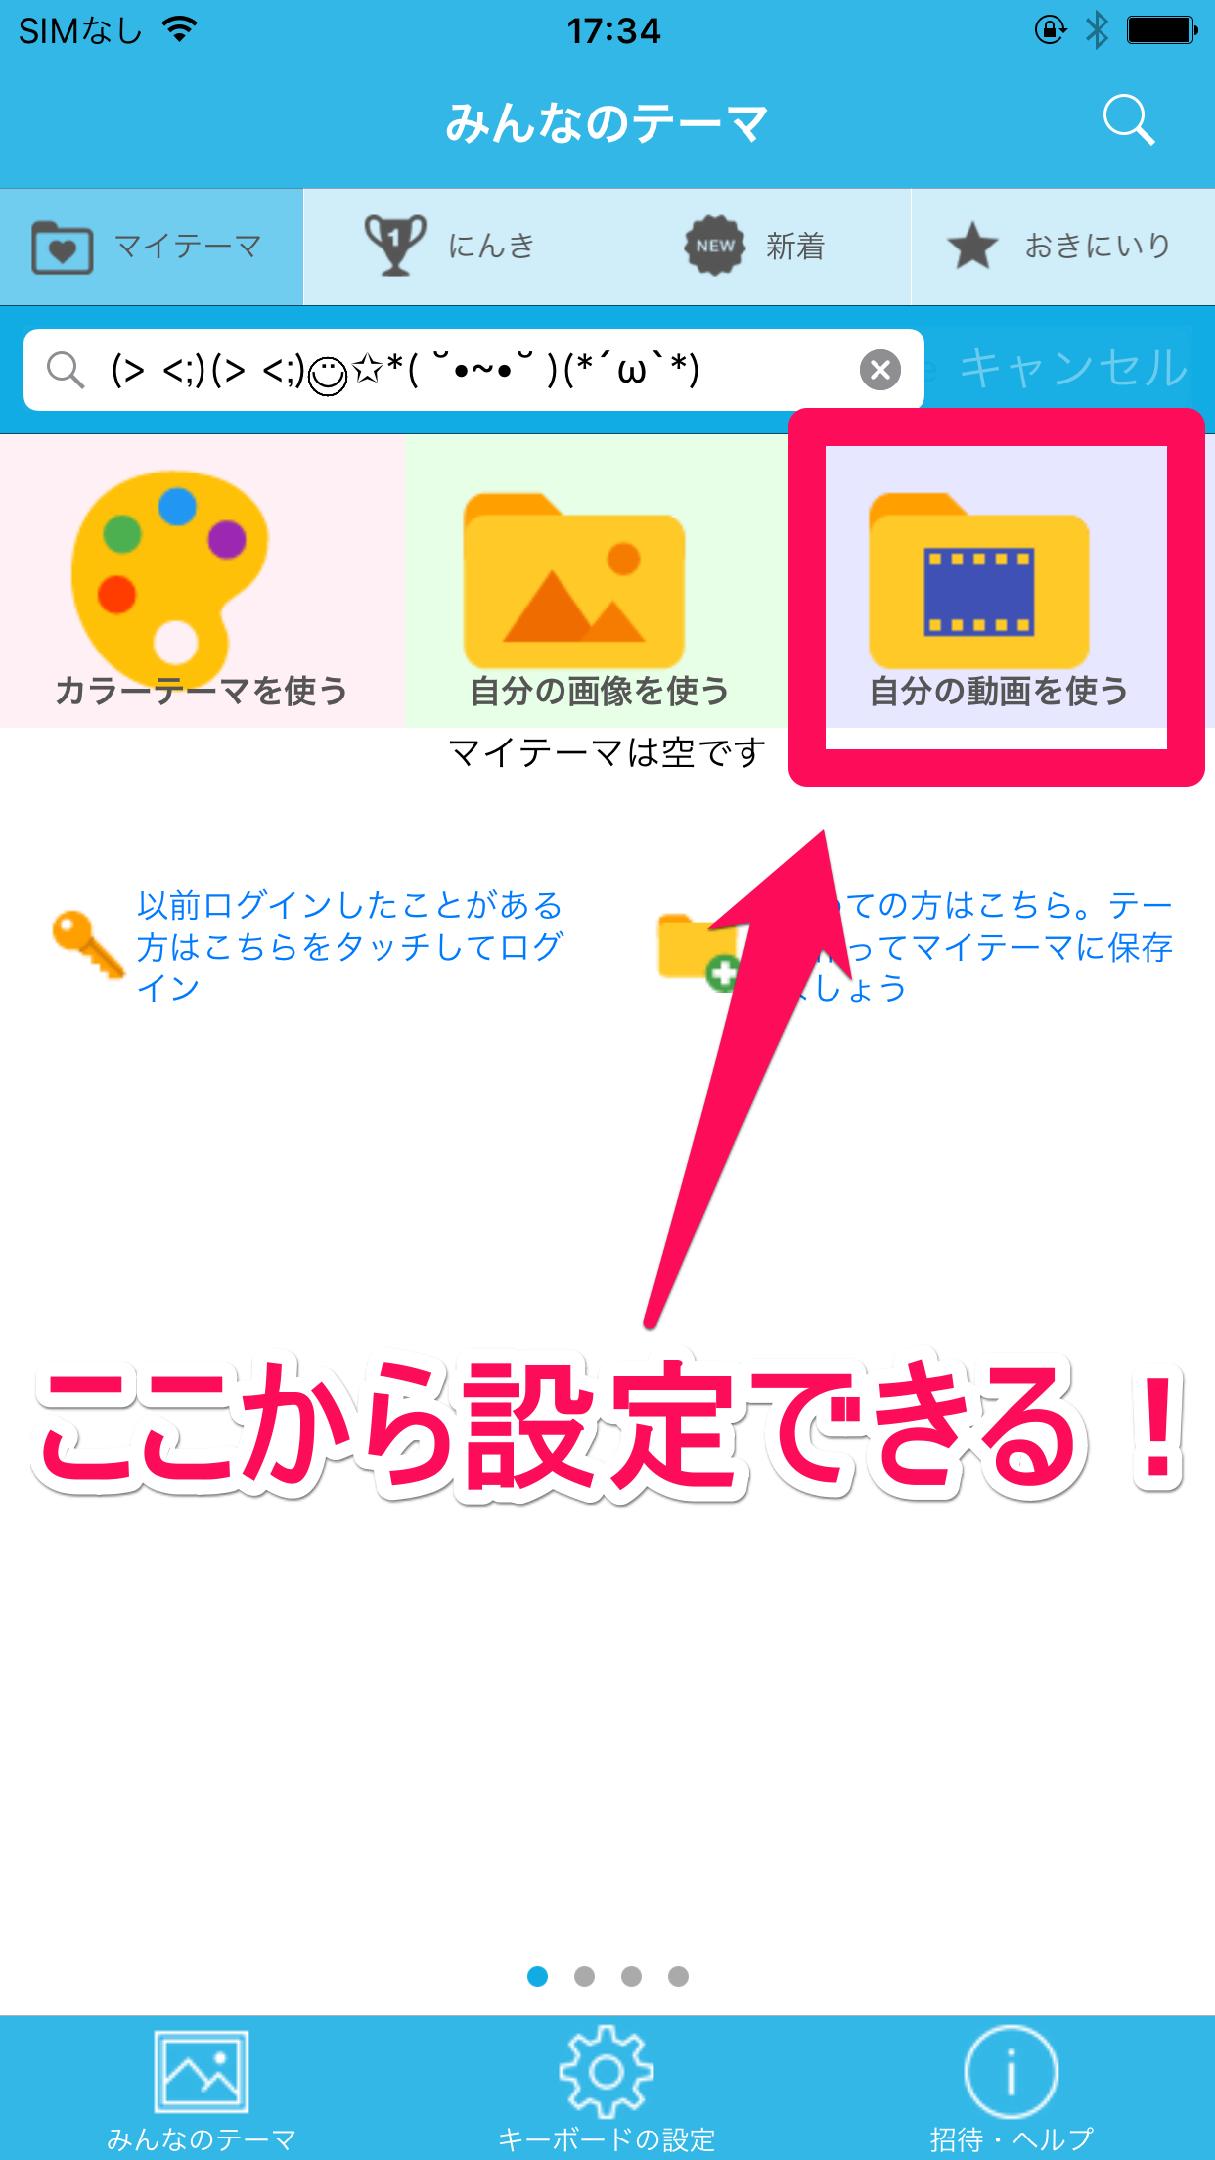 設定方法はとても簡単。 アプリのテーマ選択画面から「自分の動画を使う」をタップし、端末に入っている動画の中から好きなものを選択するだけです。